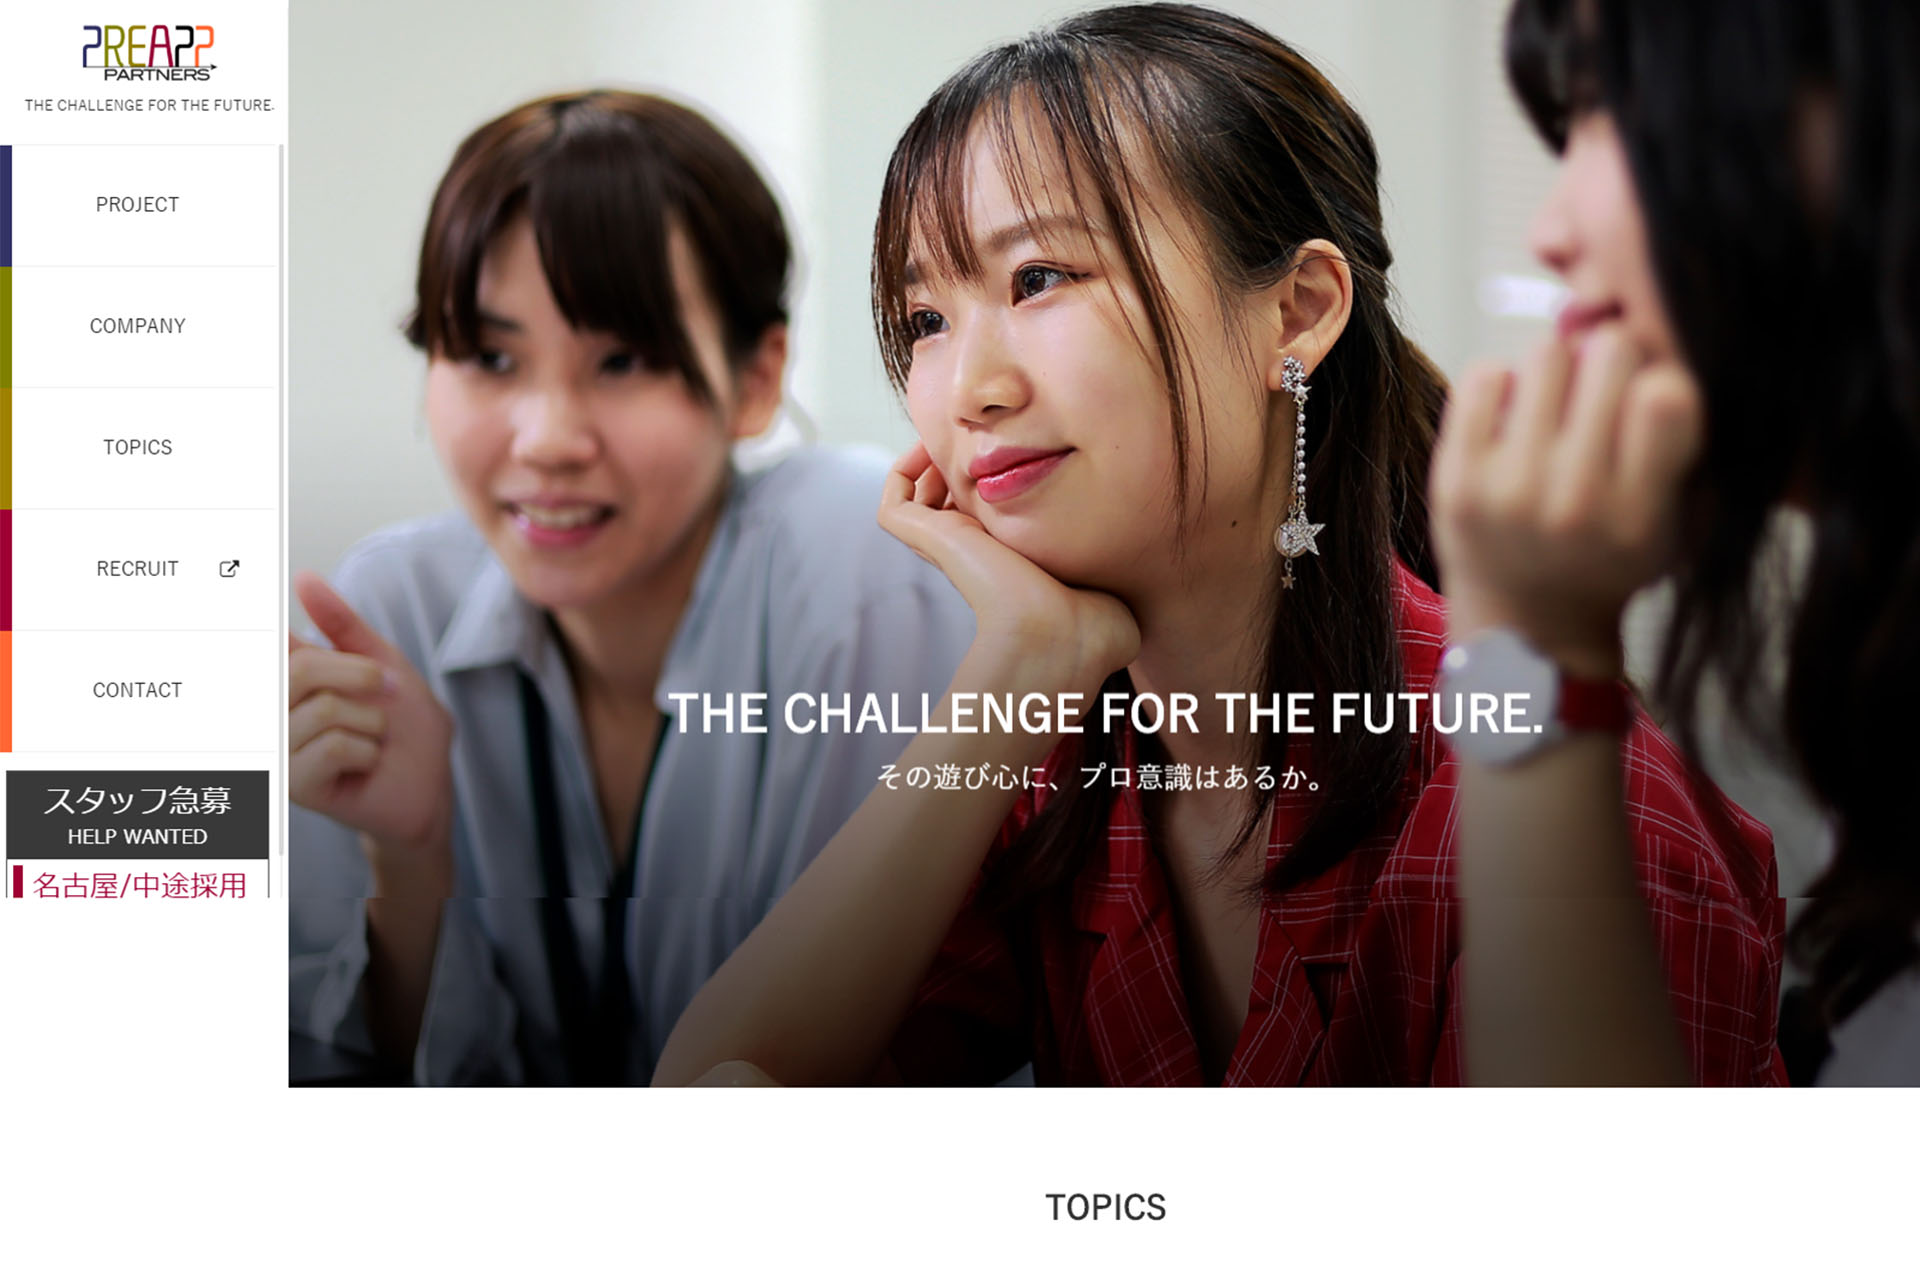 株式会社プリアップパートナーズ様【ゲームコンテンツ事業】コーポレートサイト